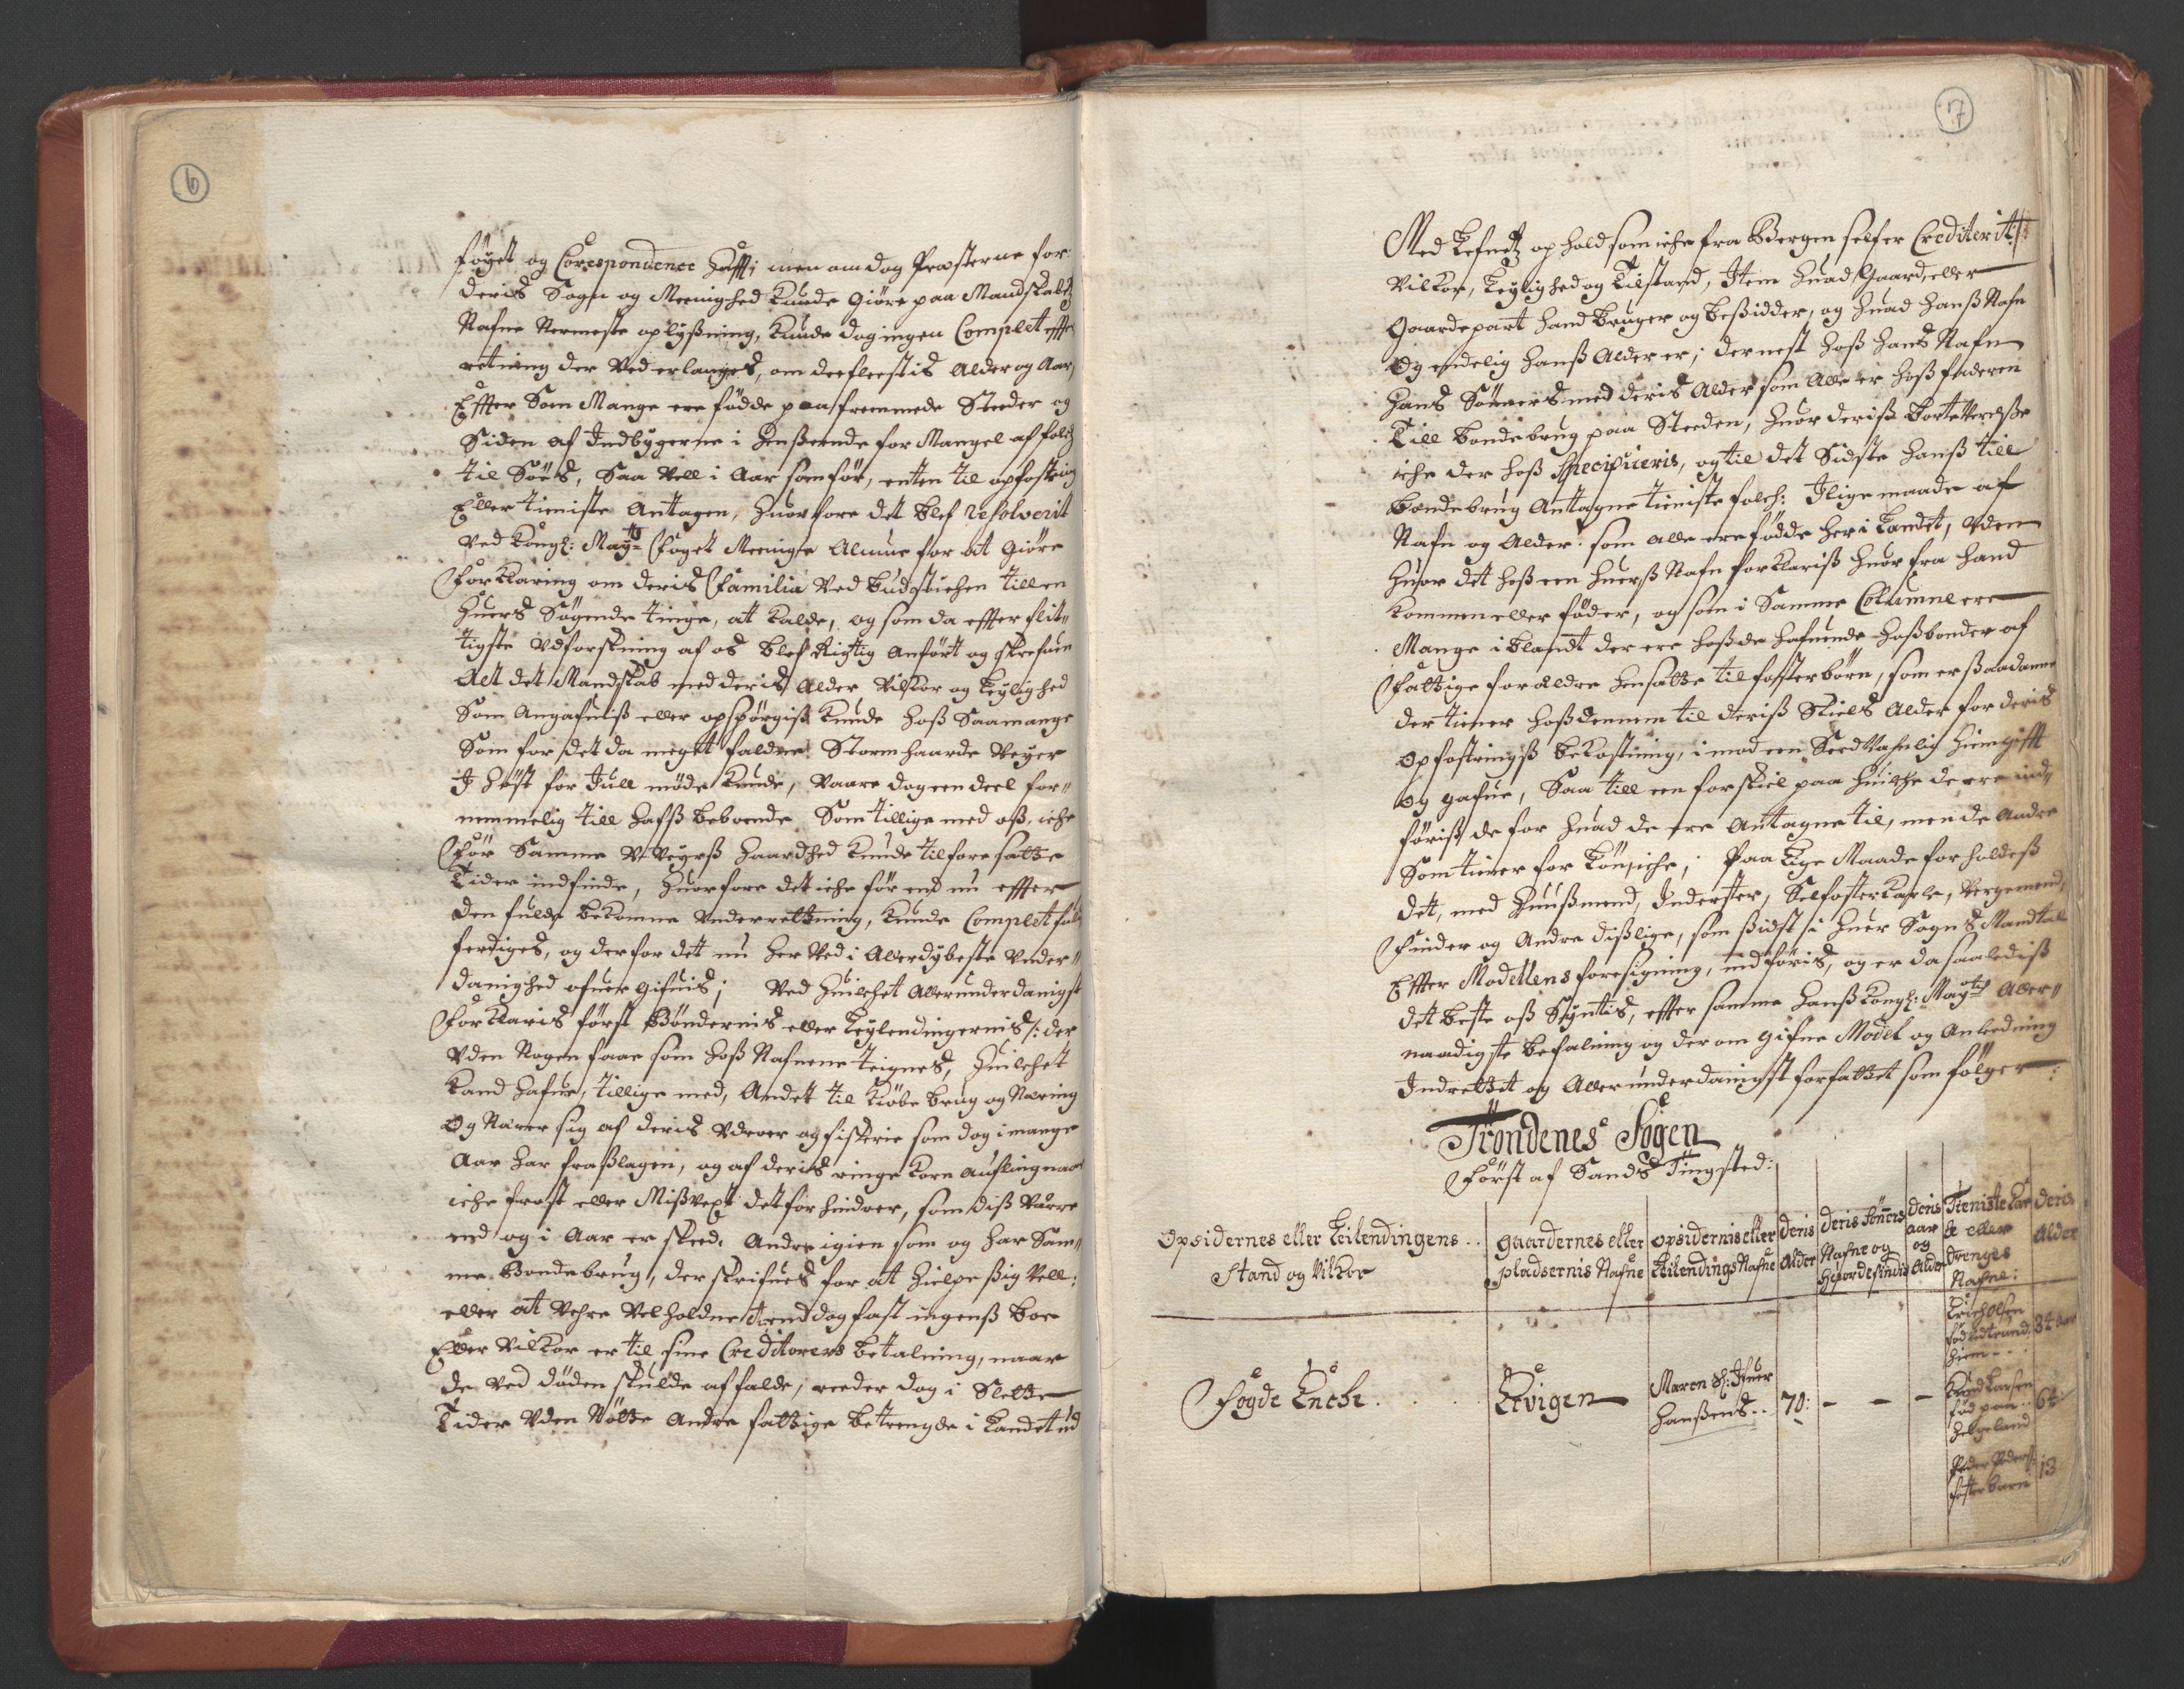 RA, Manntallet 1701, nr. 19: Senja og Tromsø fogderi, 1701, s. 6-7